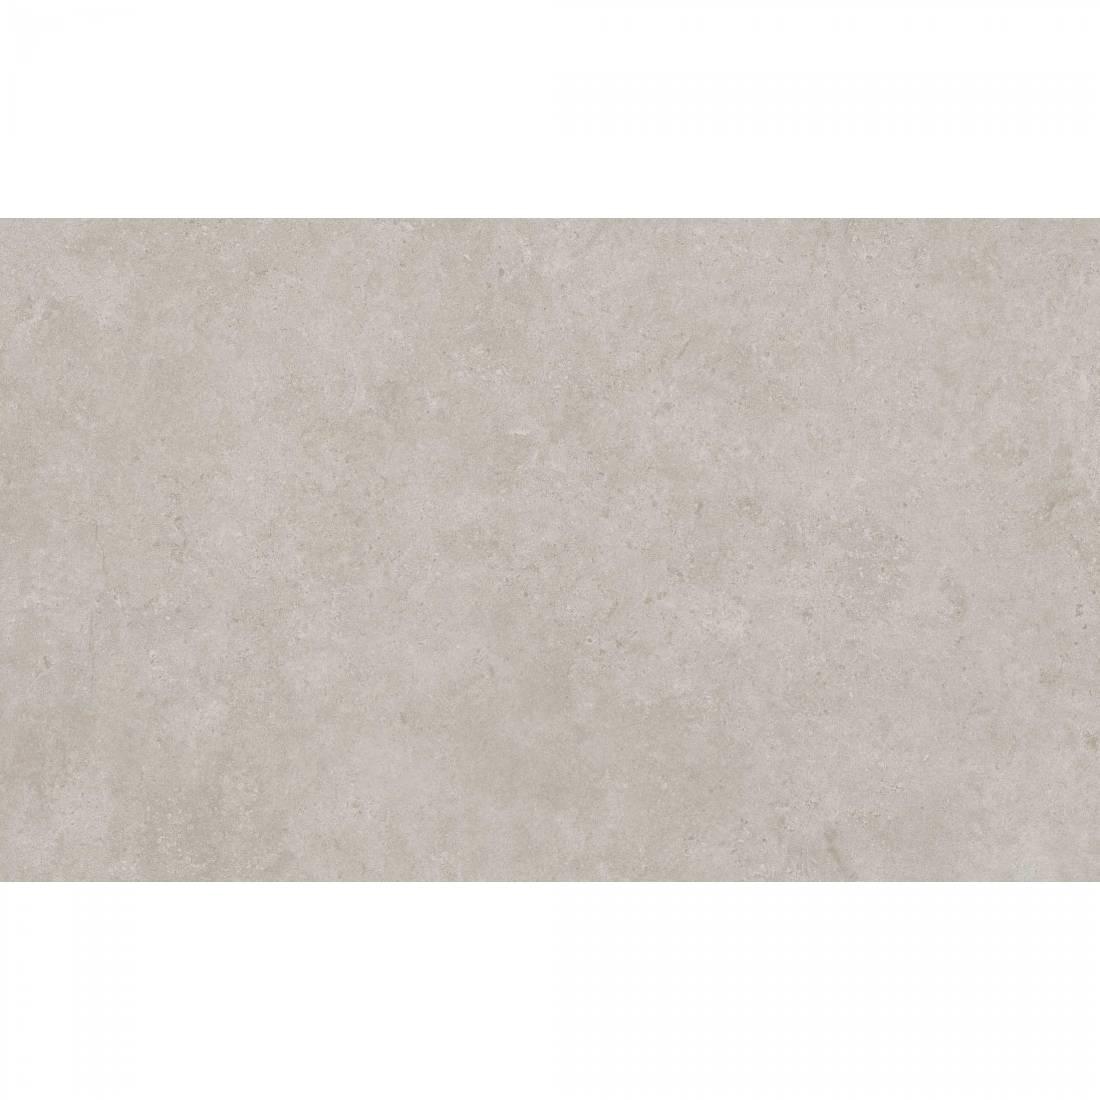 Belgravia 33.3x55 Taupe Matt 1